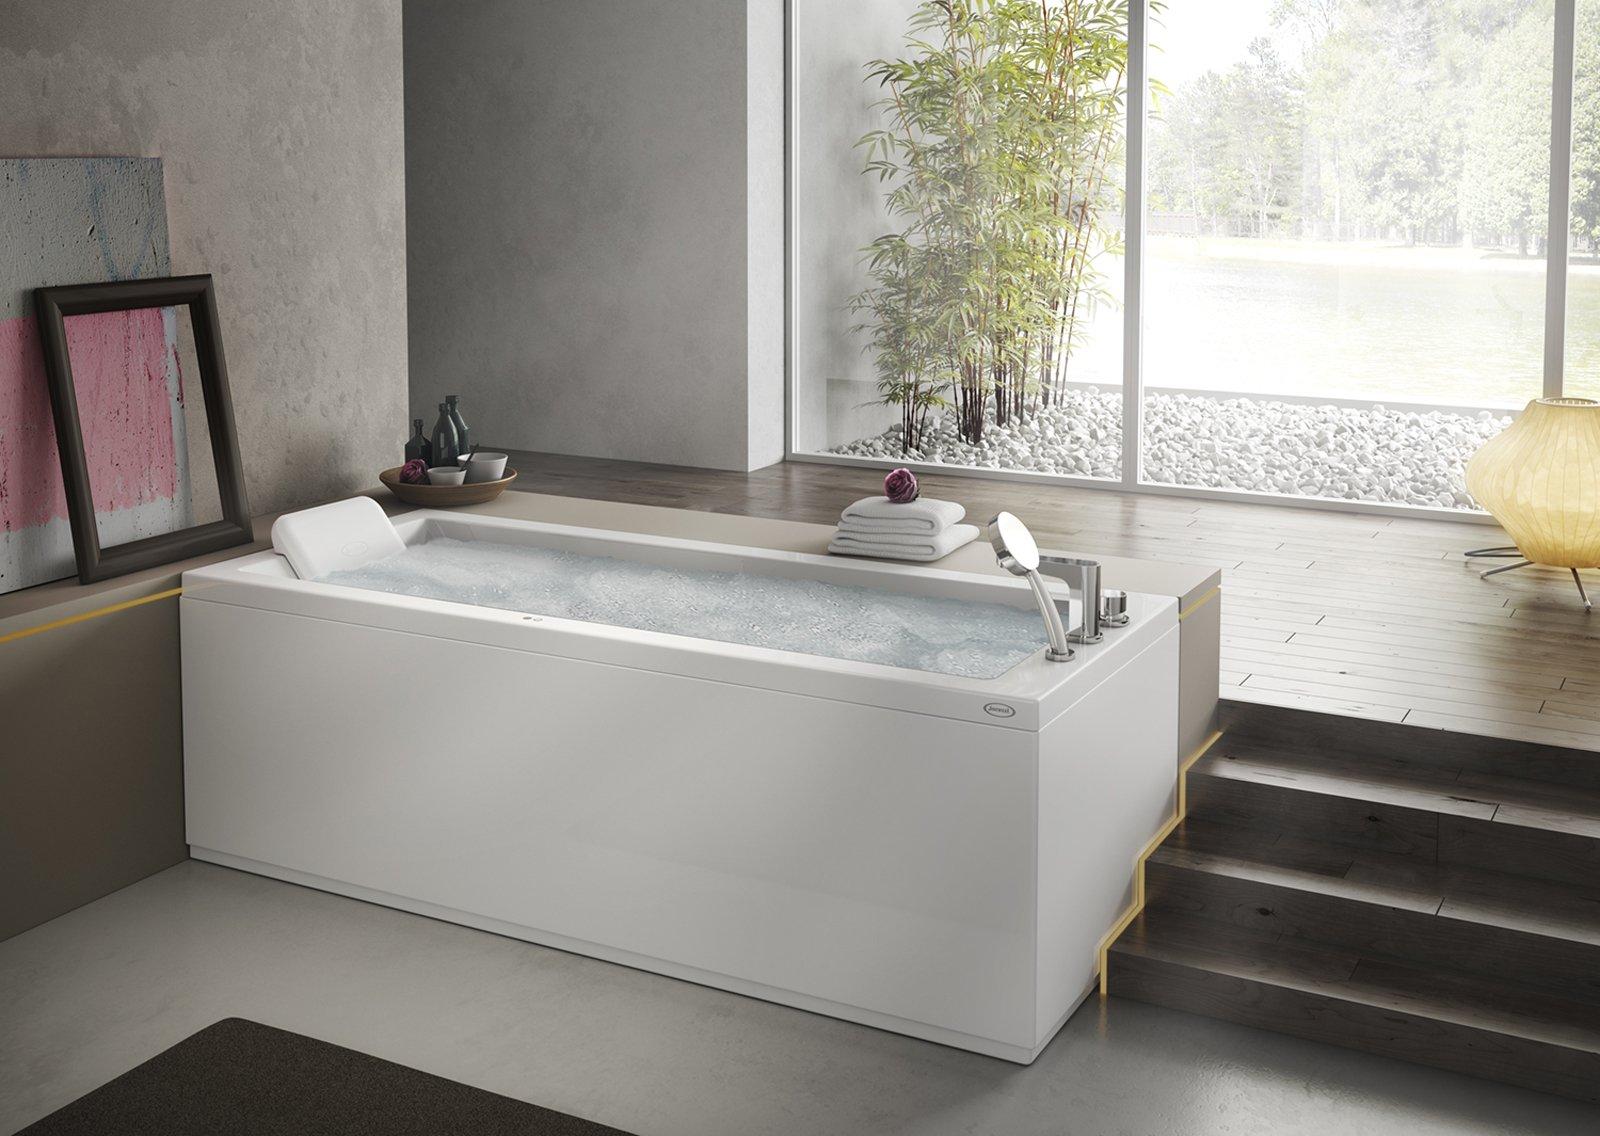 Vasche da bagno low cost a partire da 182 euro cose di casa - Bordo vasca da bagno ...